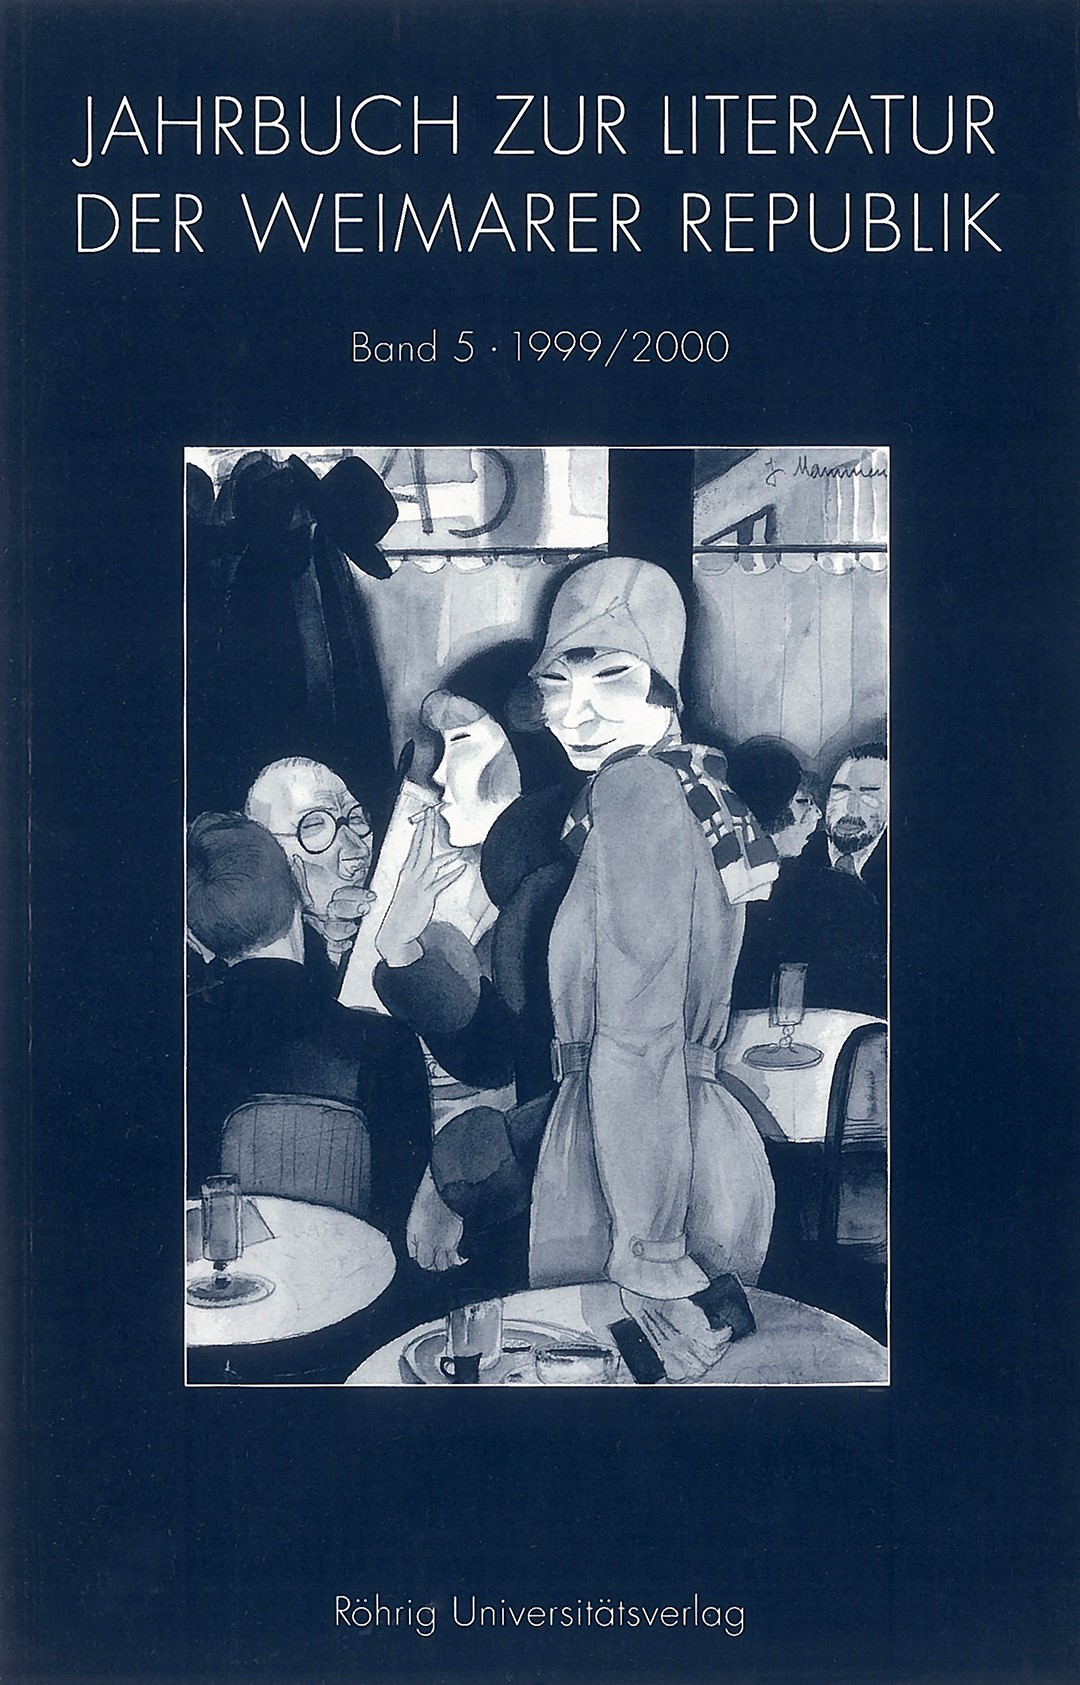 JAHRBUCH ZUR KULTUR UND LITERATUR DER WEIMARER REPUBLIK, 2000 | Buch (Cover)